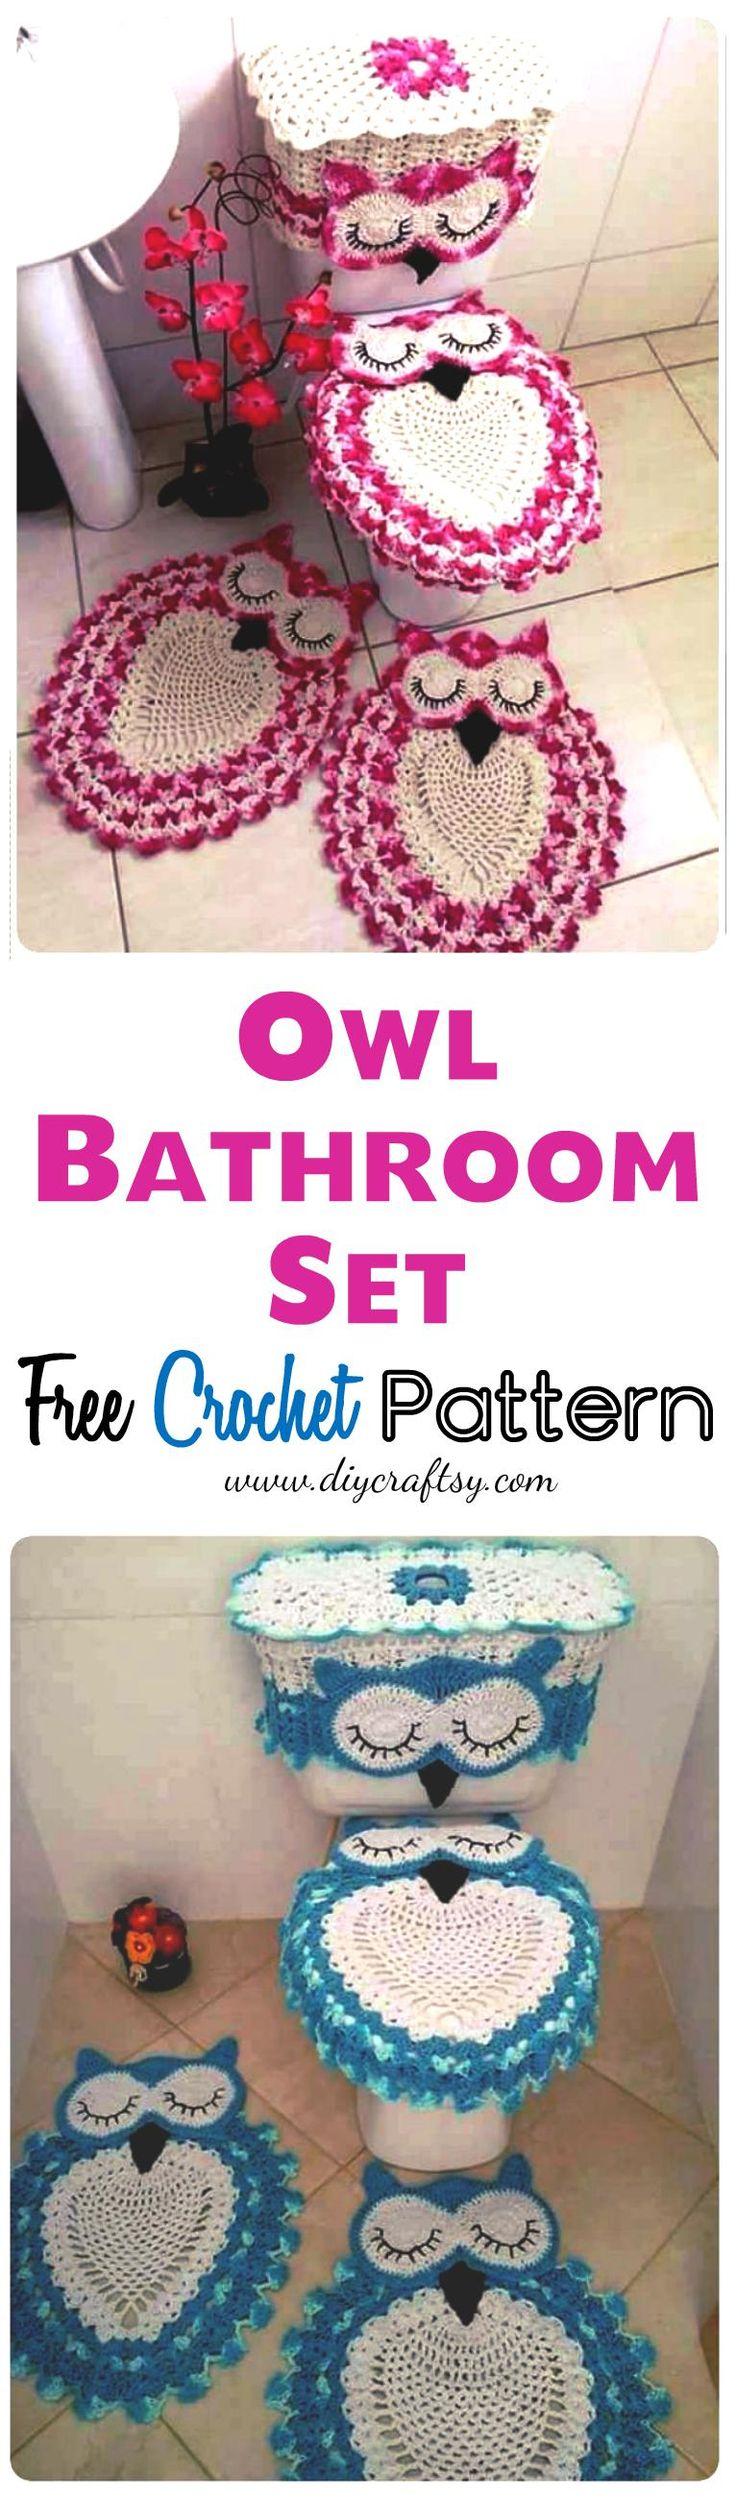 Crochet Decoration Patterns 17 Best Ideas About Crochet Decoration On Pinterest Crochet Home